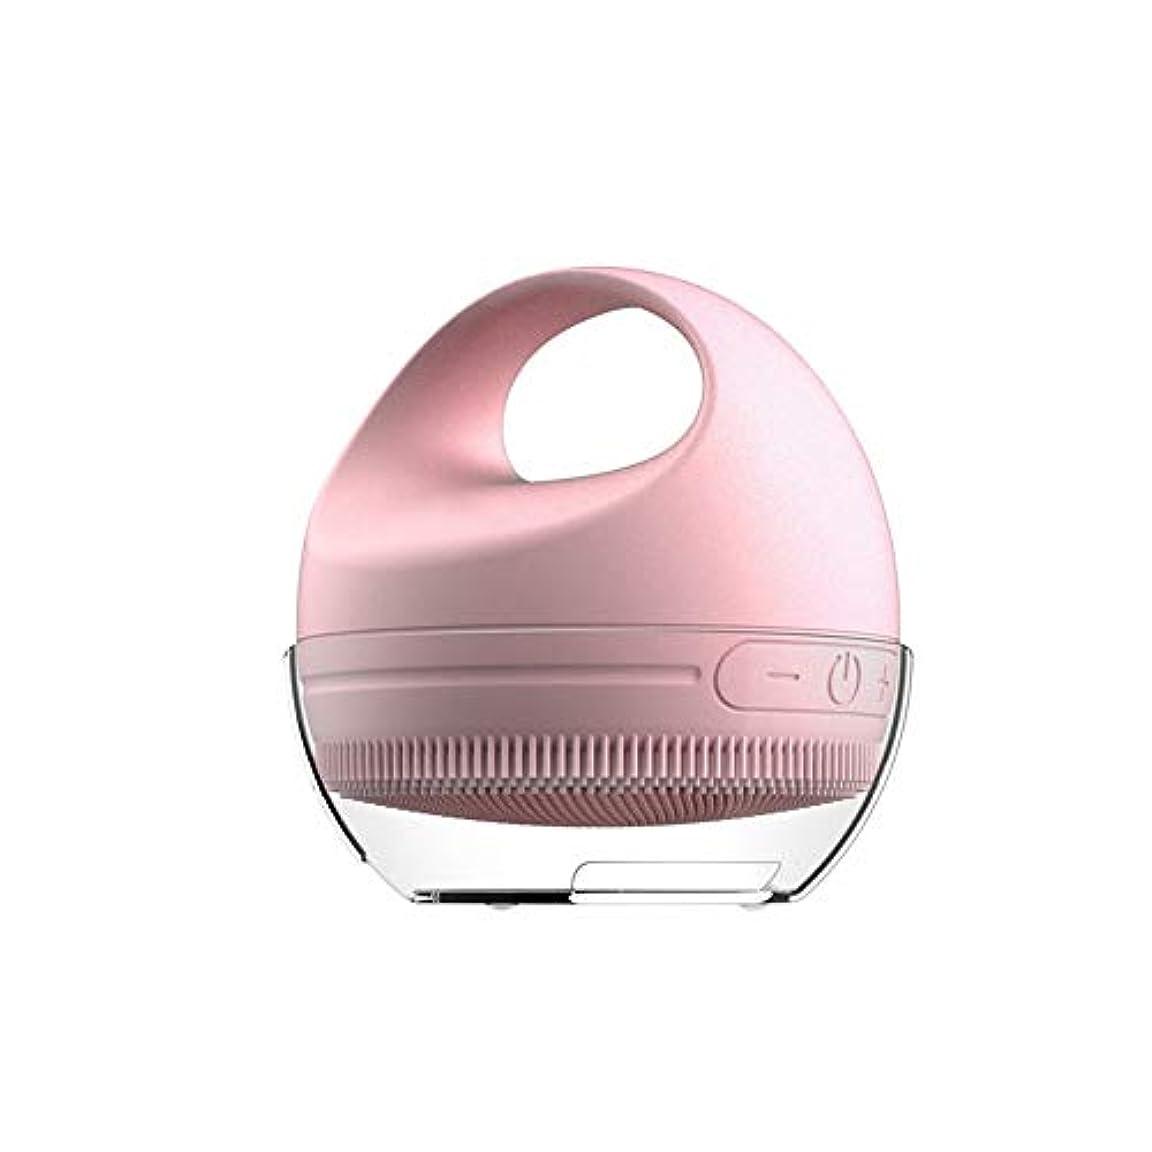 パースブラックボロウ唯物論トレードZXF 新しい電気シリコーンクレンジングブラシインテリジェントタイミング暖かい感覚クレンジング医療用シリコーン防水抗菌クリーン自己乾燥クレンジング楽器 滑らかである (色 : Pink)